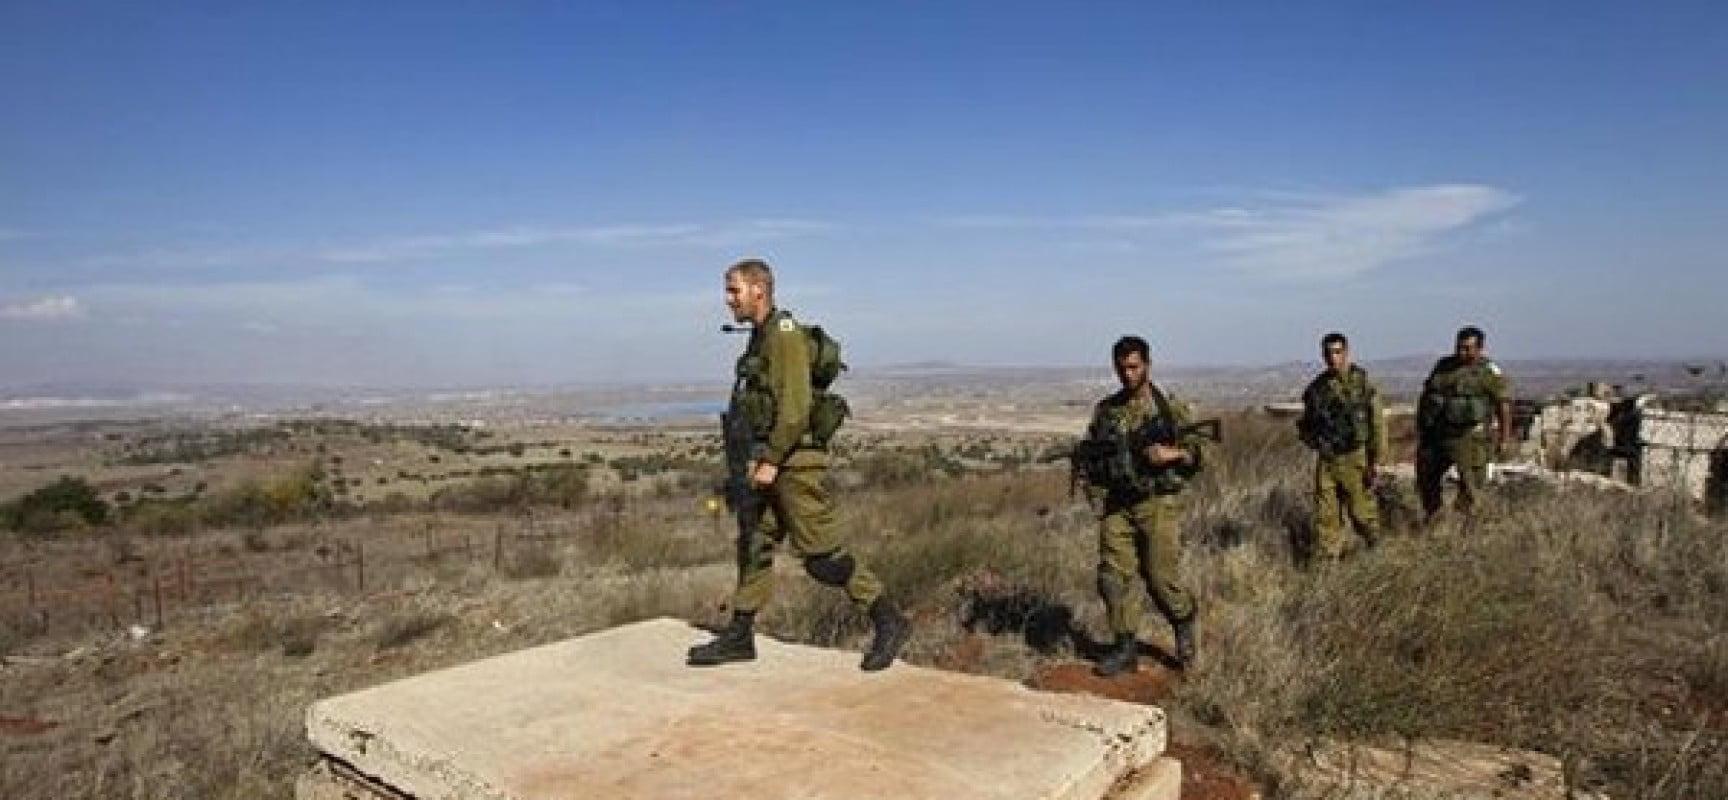 Η Ρωσία δεν θα επέμβει σε περίπτωση πολέμου στο Γκολάν